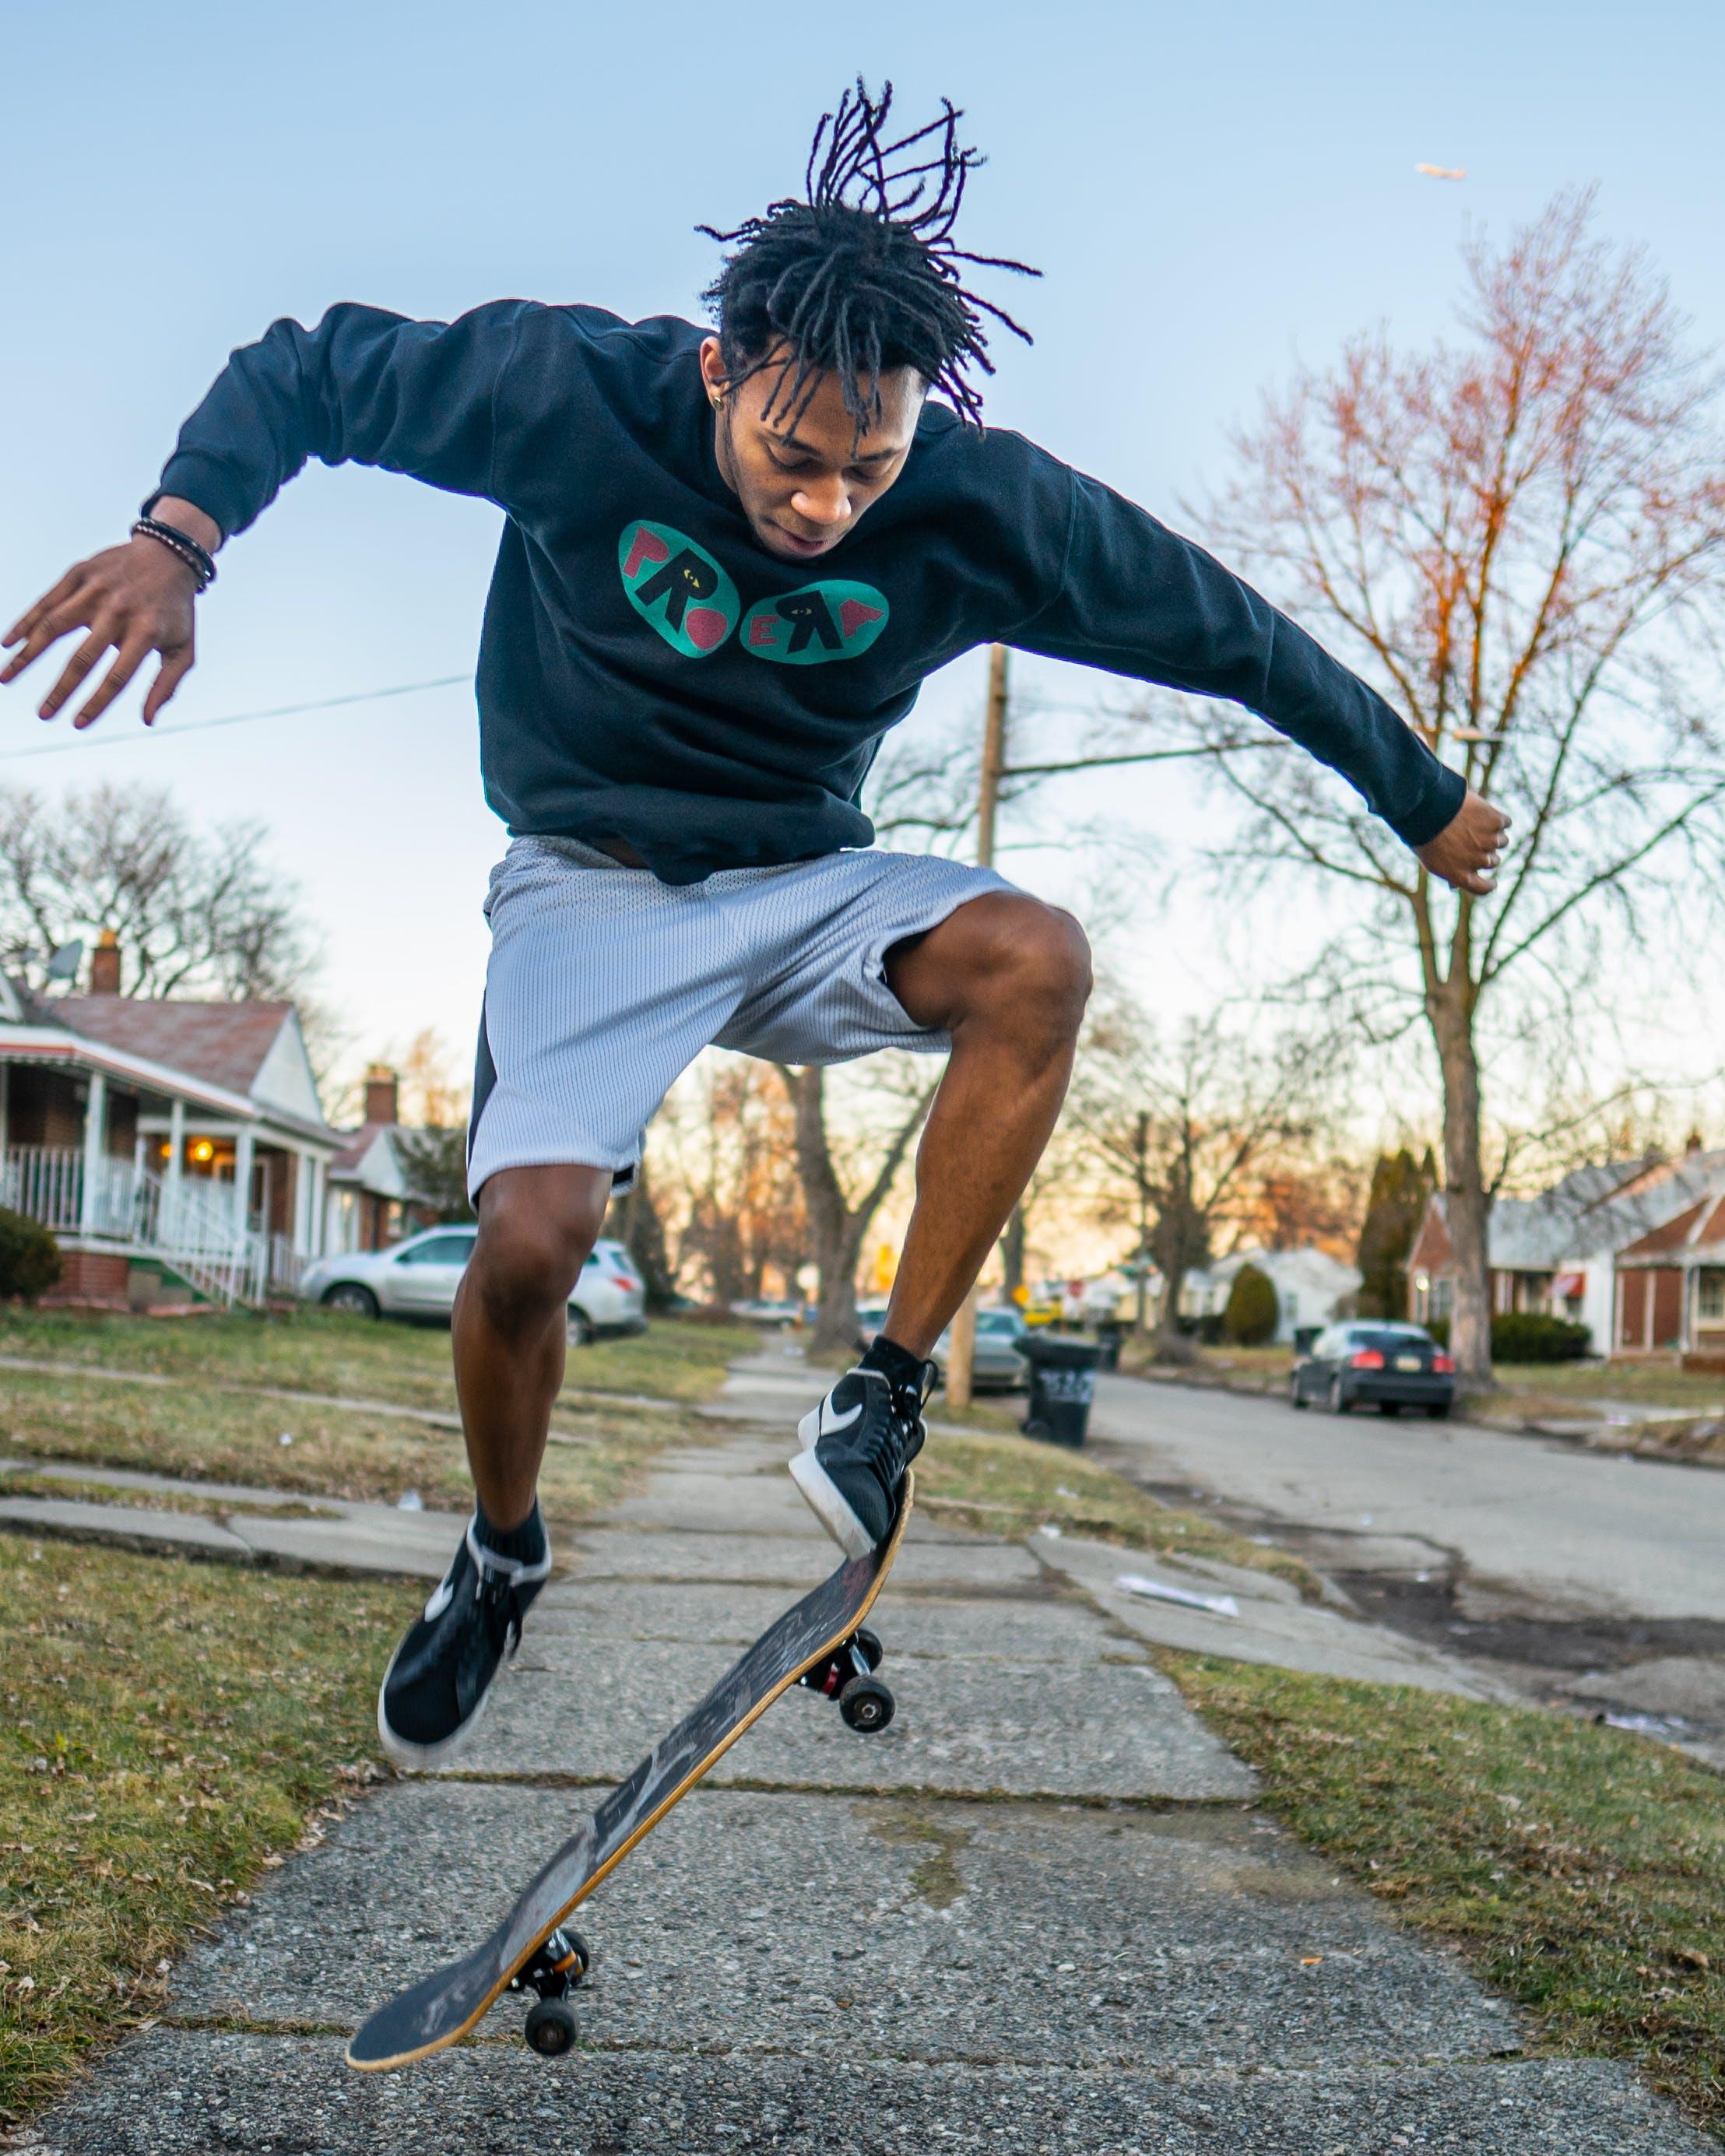 Man Doing Skateboard Stunt